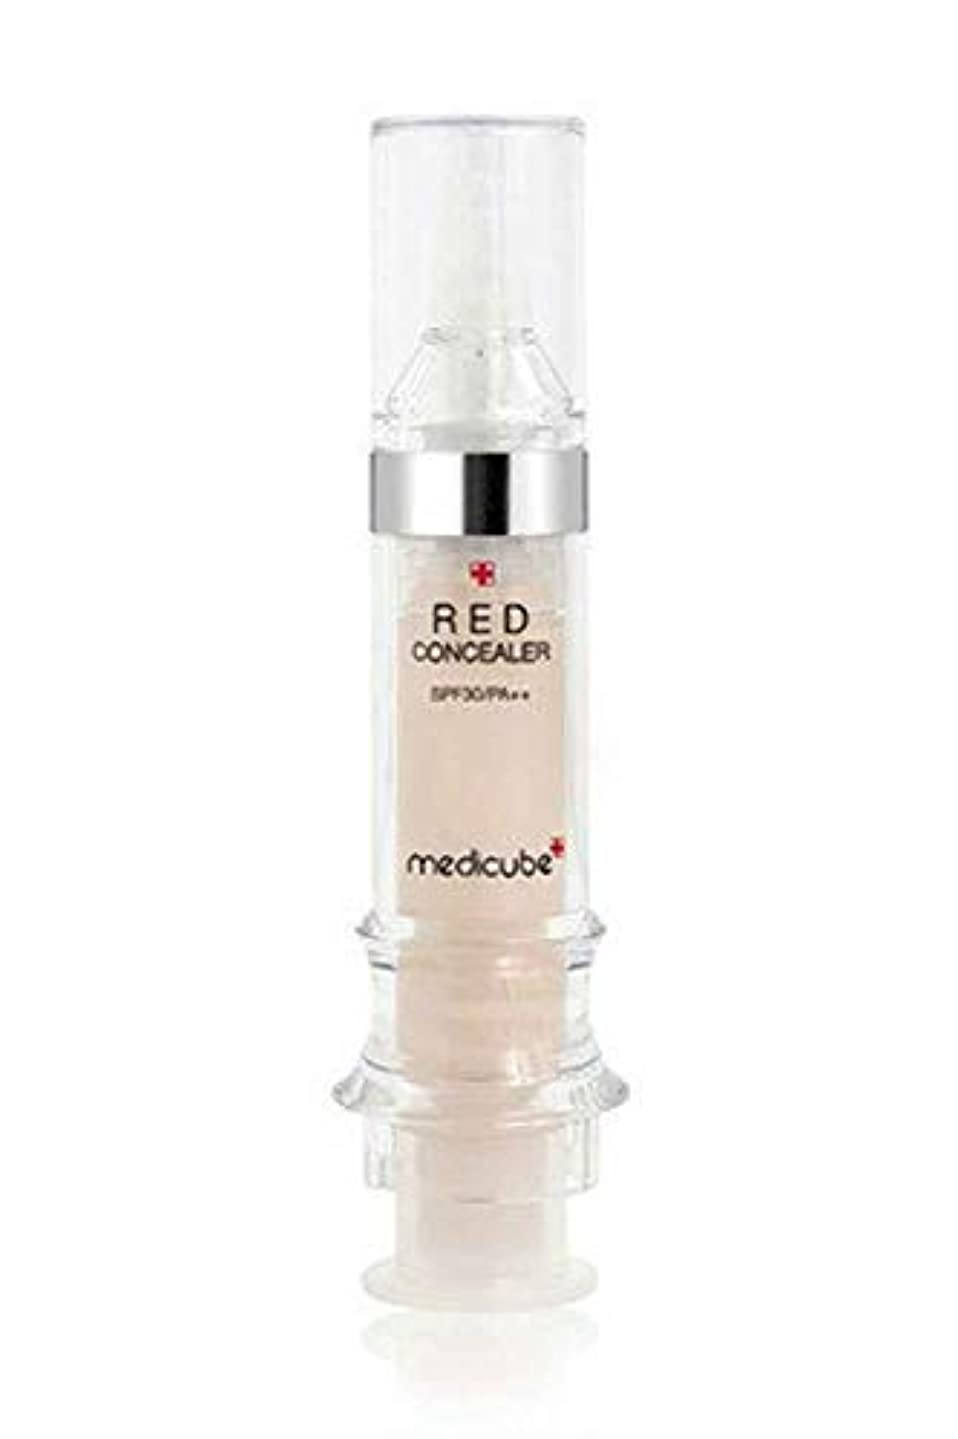 仲介者禁止する大脳[Medicube]Red Red Concealer #23 5.5ml メディキューブ レッドコンシーラー#23 5.5ml [並行輸入品]